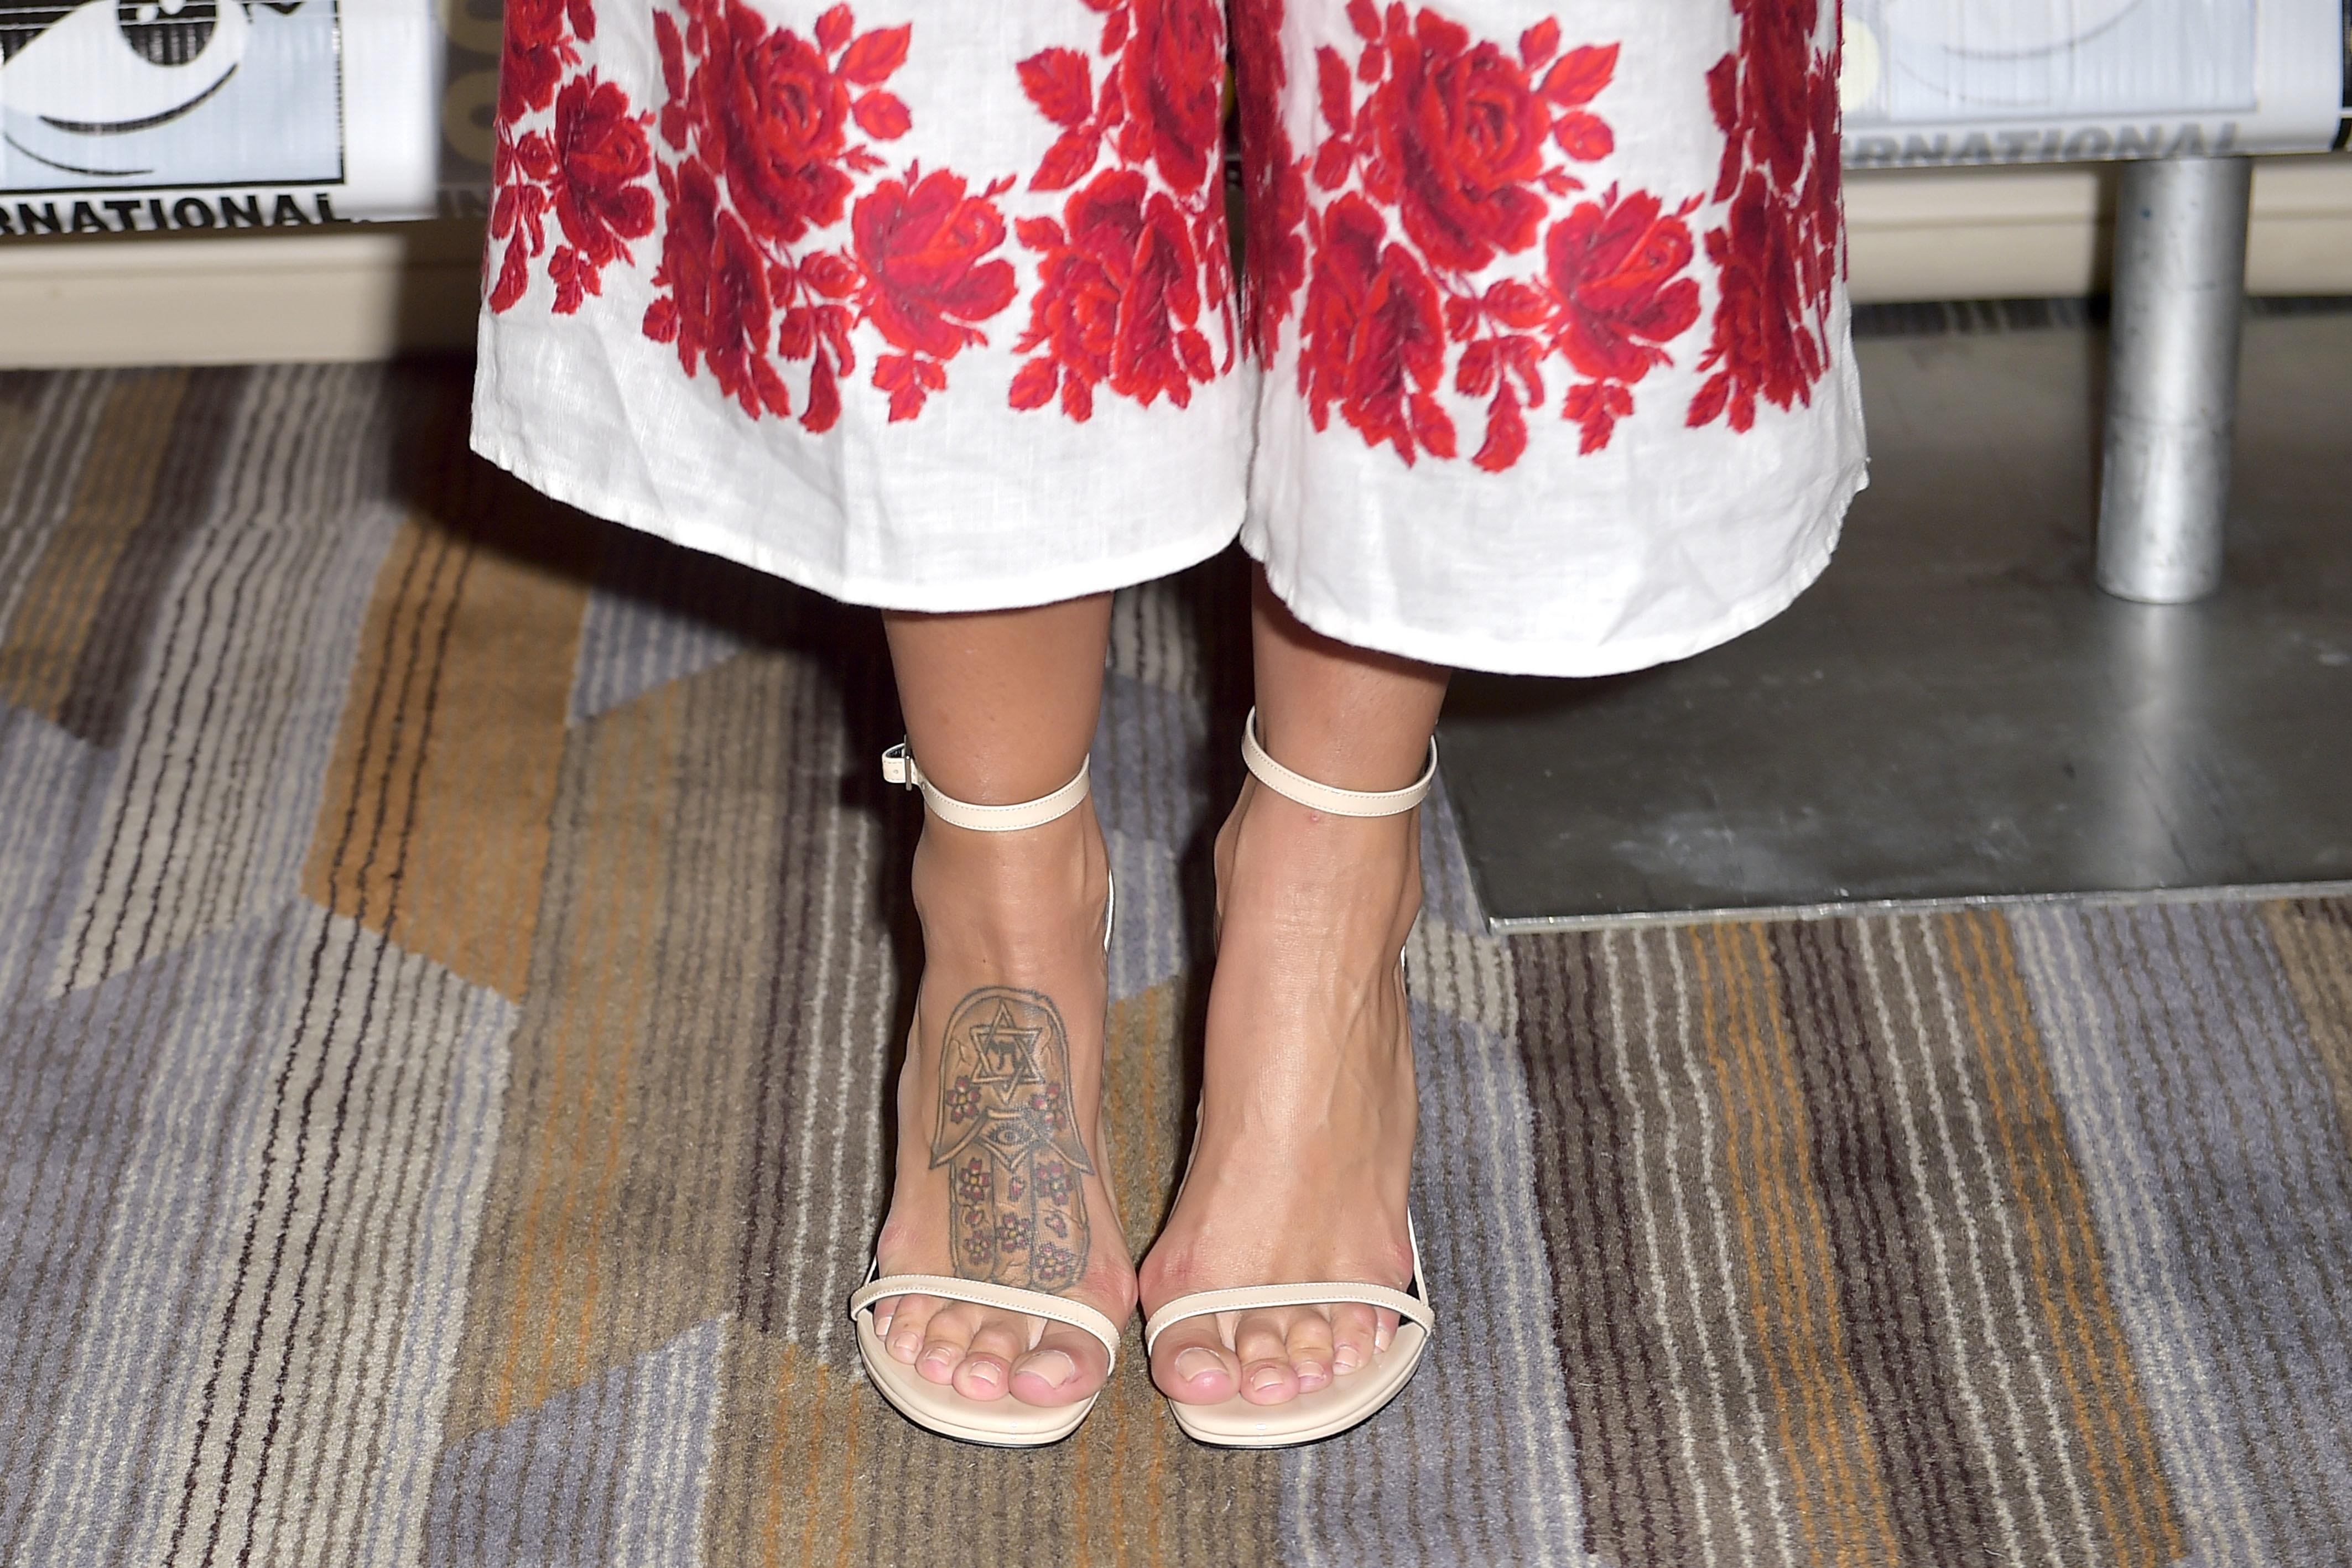 Genesis Rodriguez S Feet